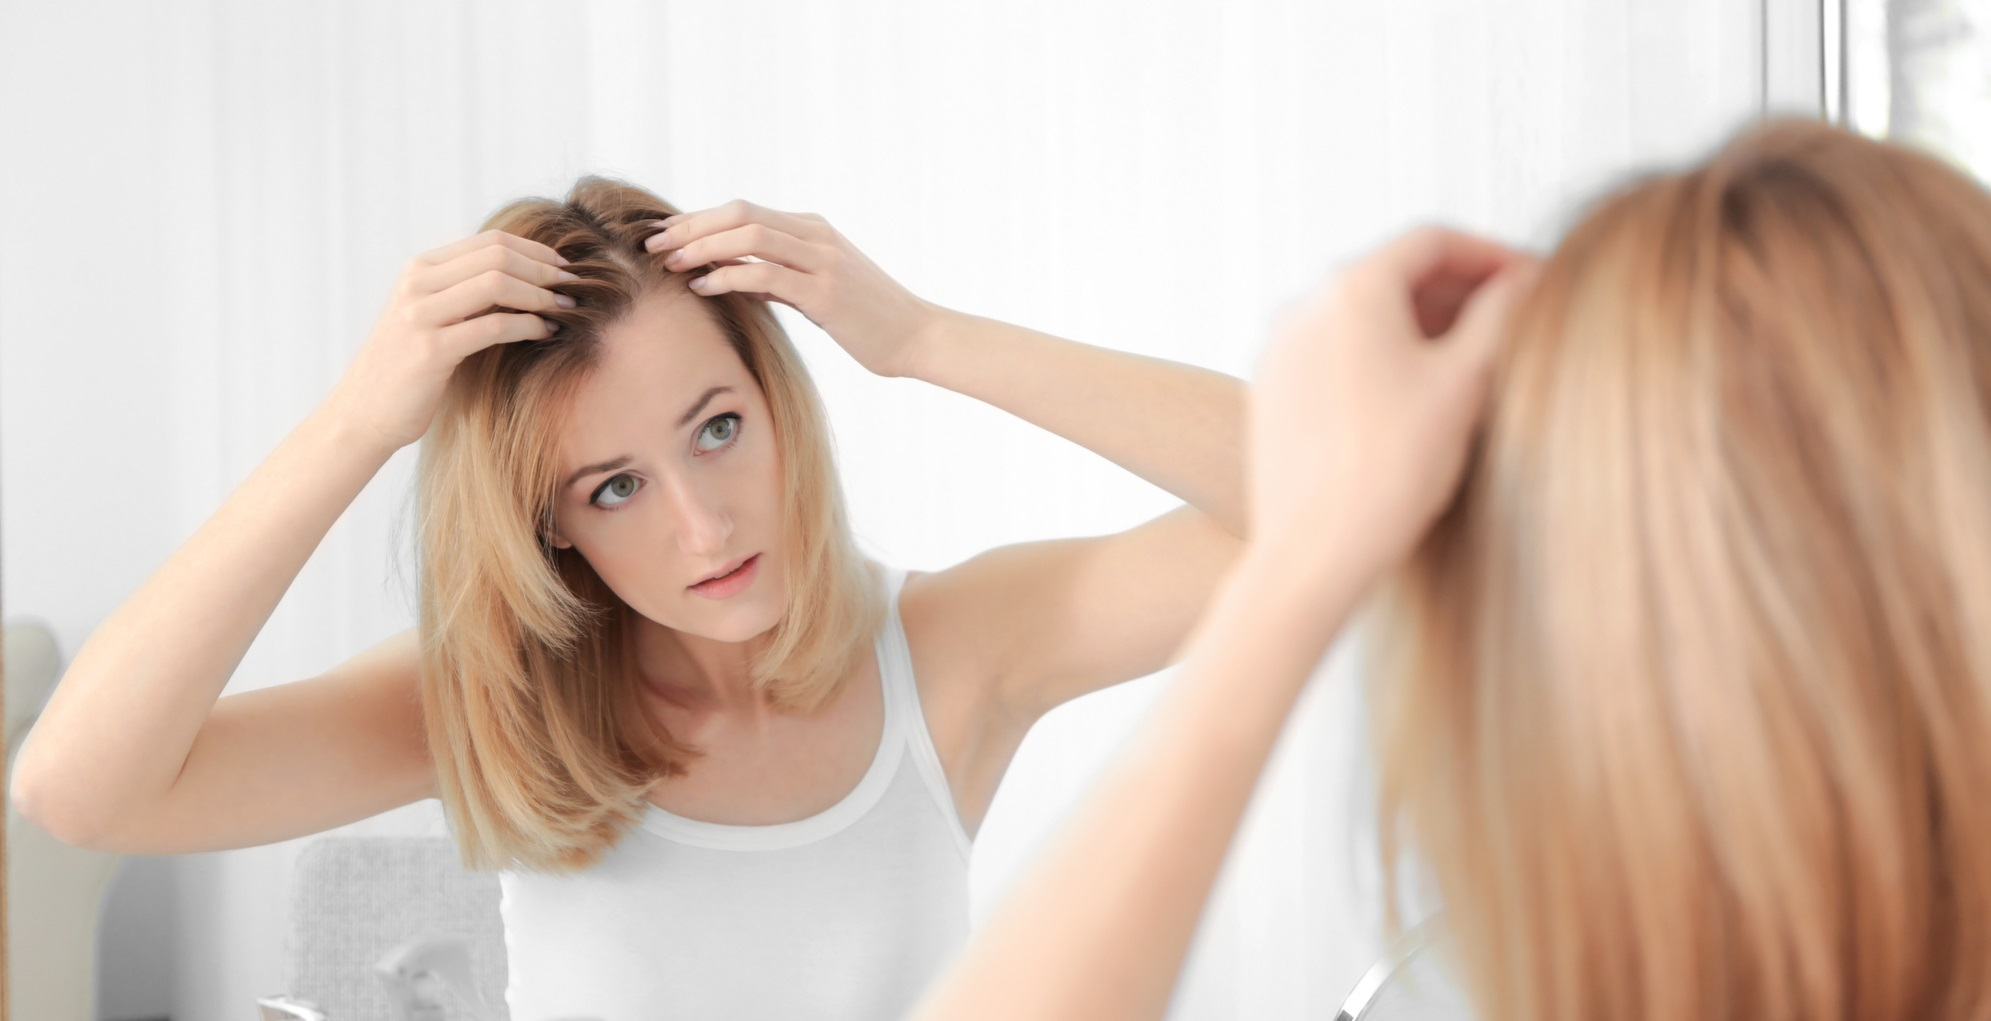 Domowe sposoby na wypadanie włosów – które wypróbować?